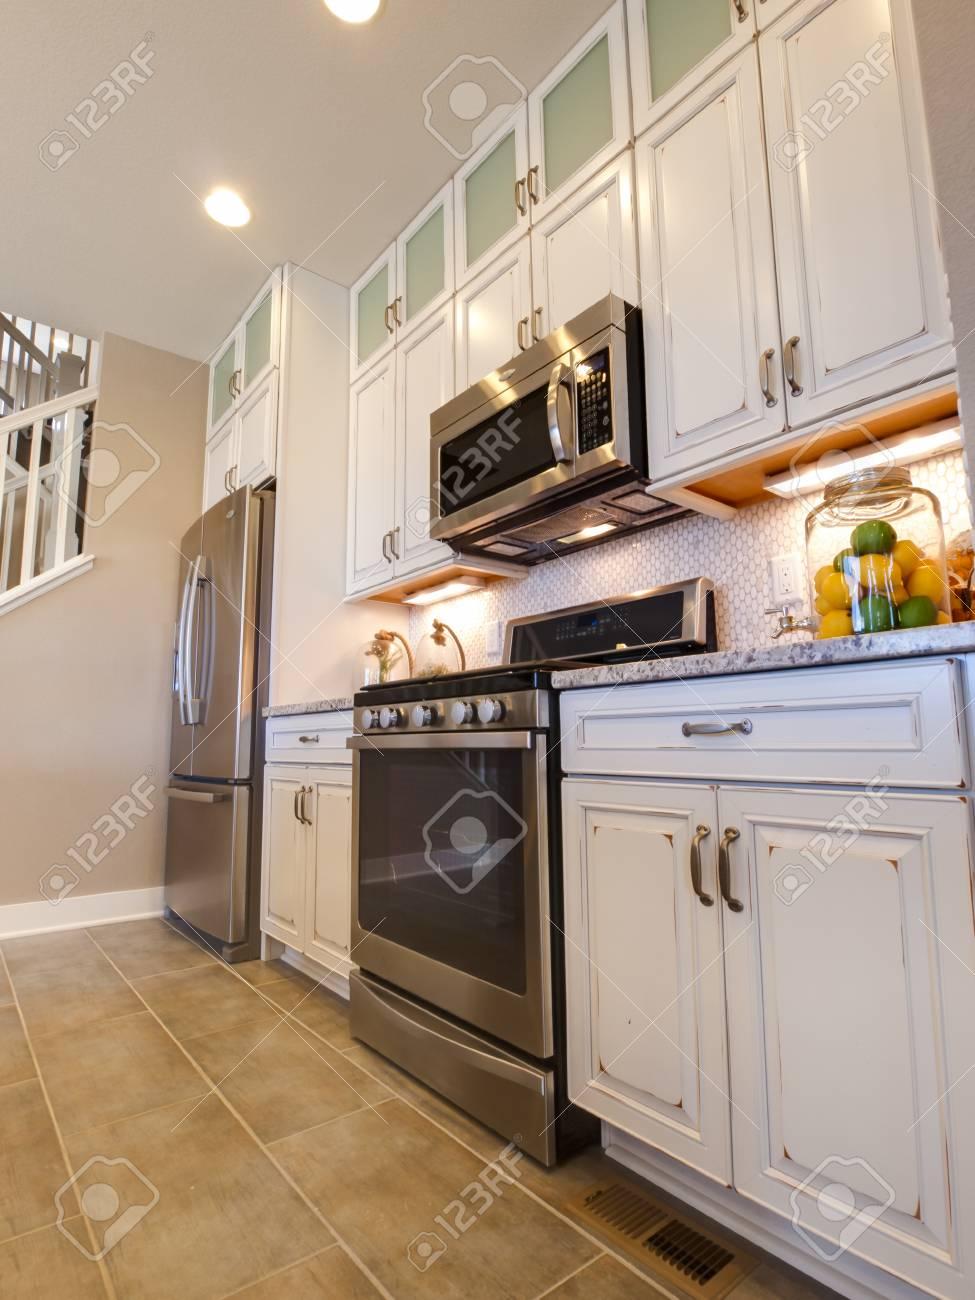 Hervorragend Nett Küchenfarben Mit Weißen Schränken Und Edelstahl Geräte .